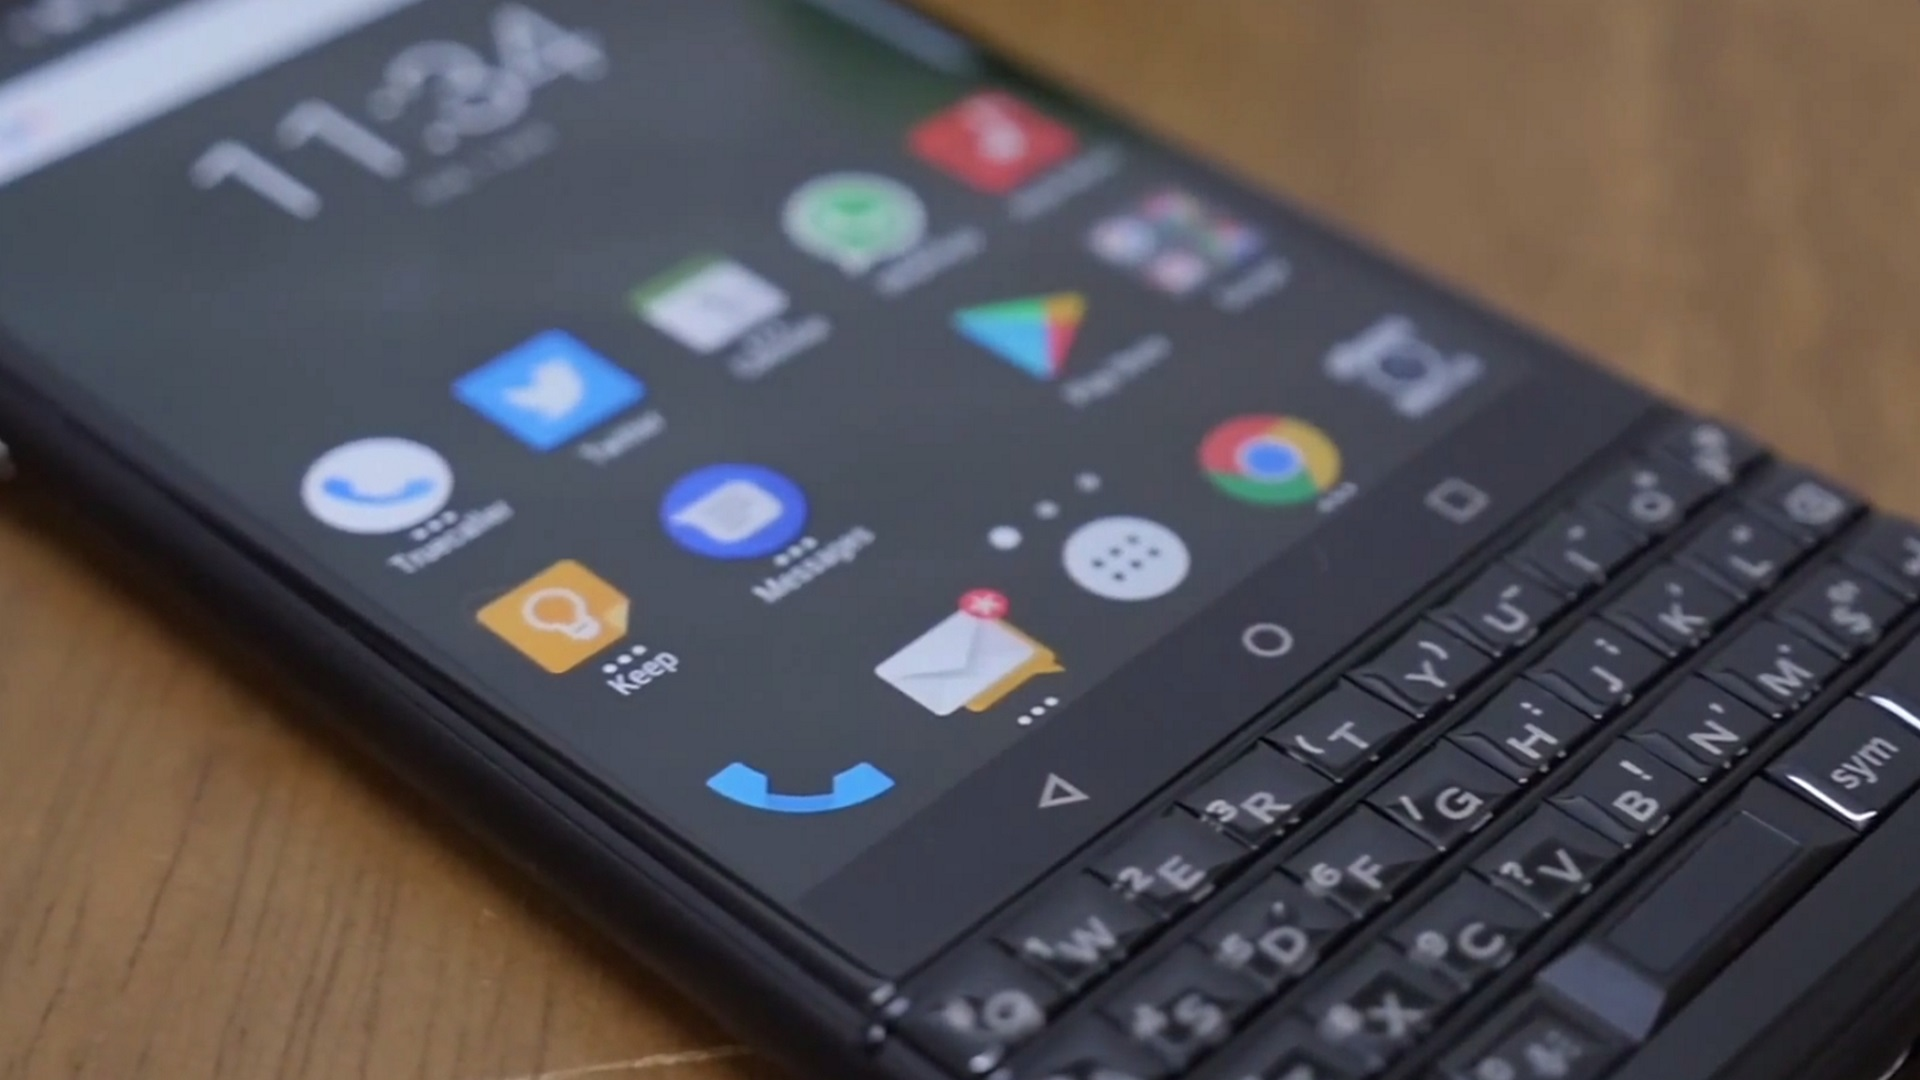 「BlackBerry KEYone LIMITED EDITION BLACK(BBB100-7)」ハンズオン動画が複数公開